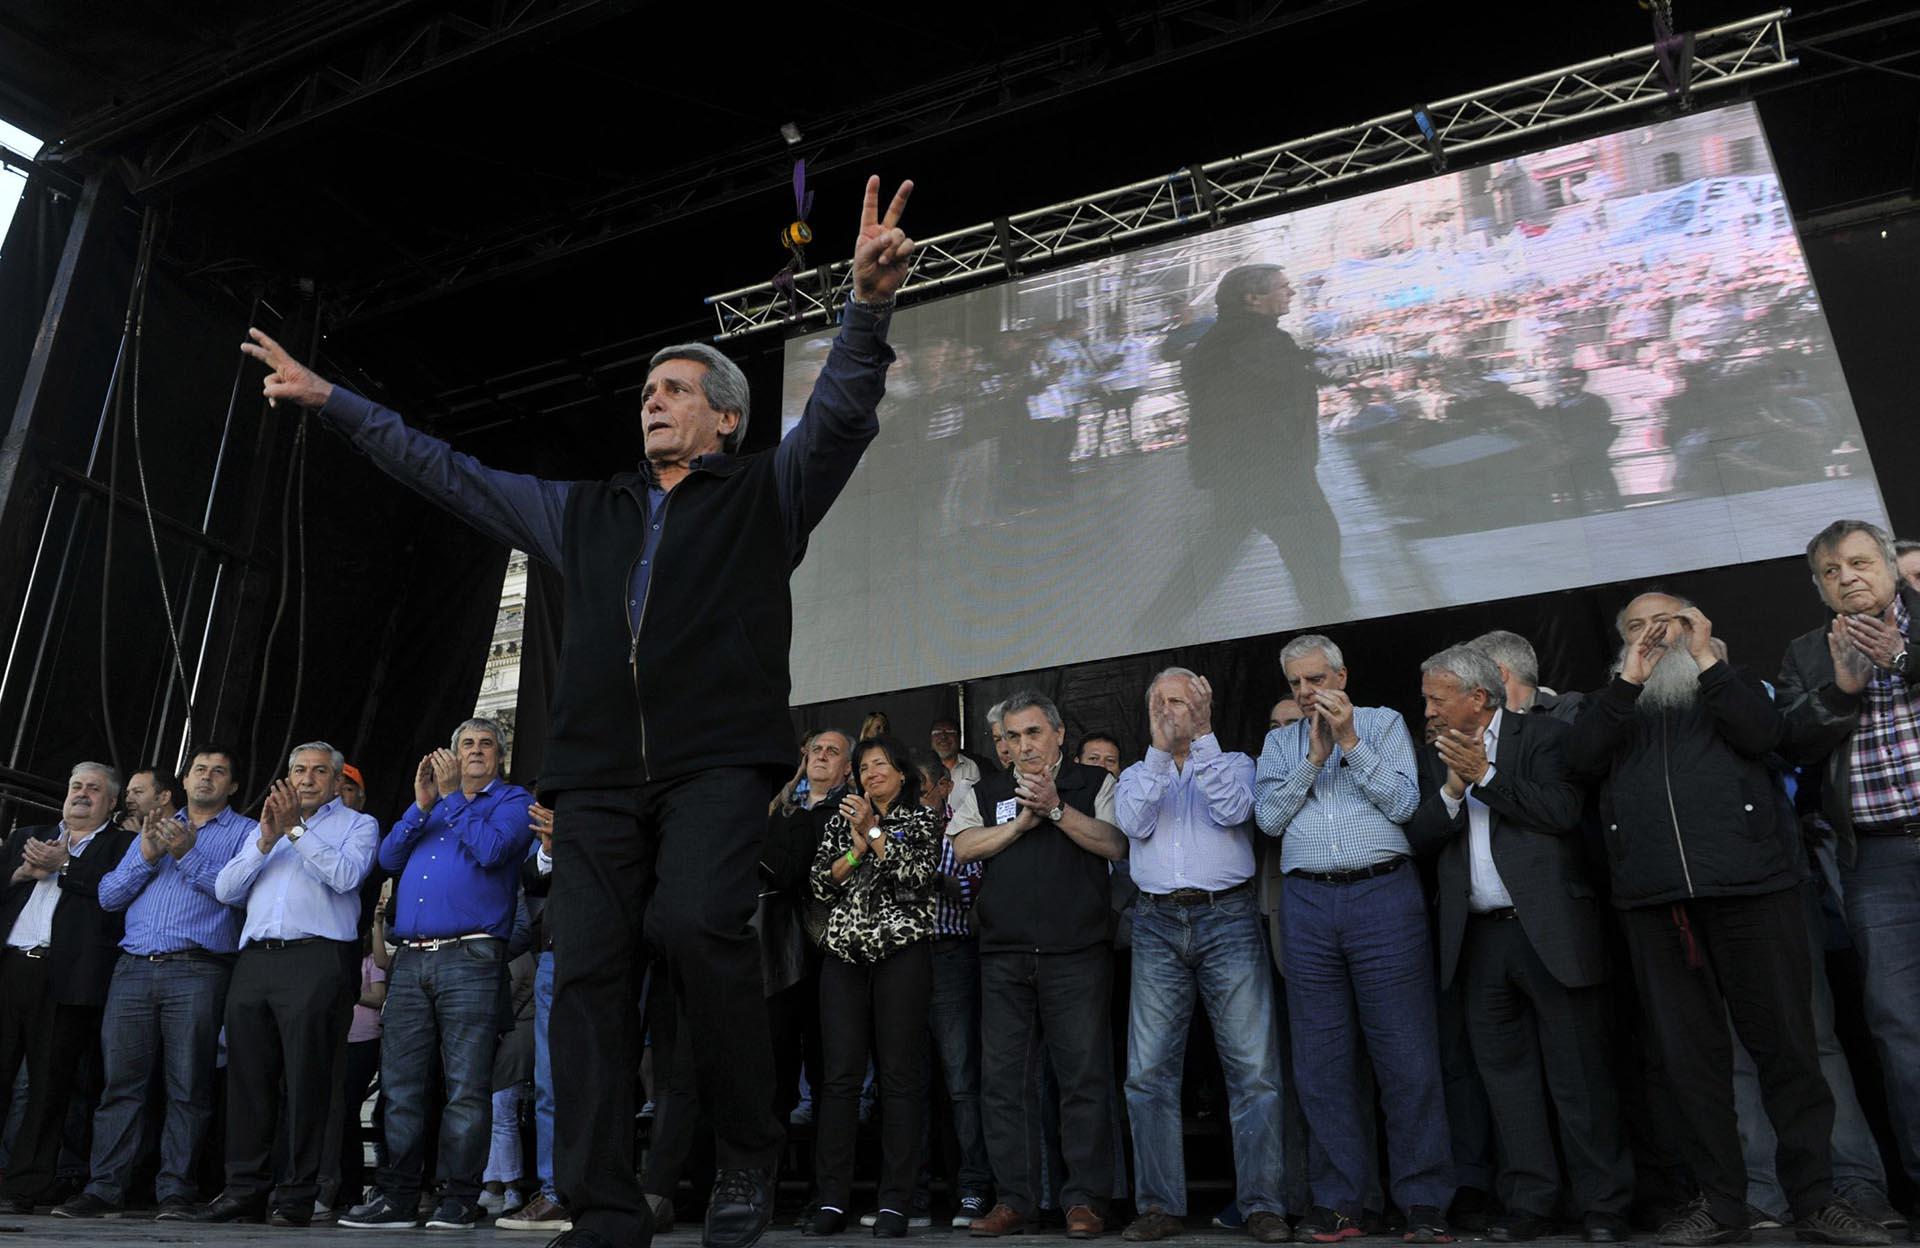 Uno de los líderes de la CGT, Carlos Acuña, fue el primer orador